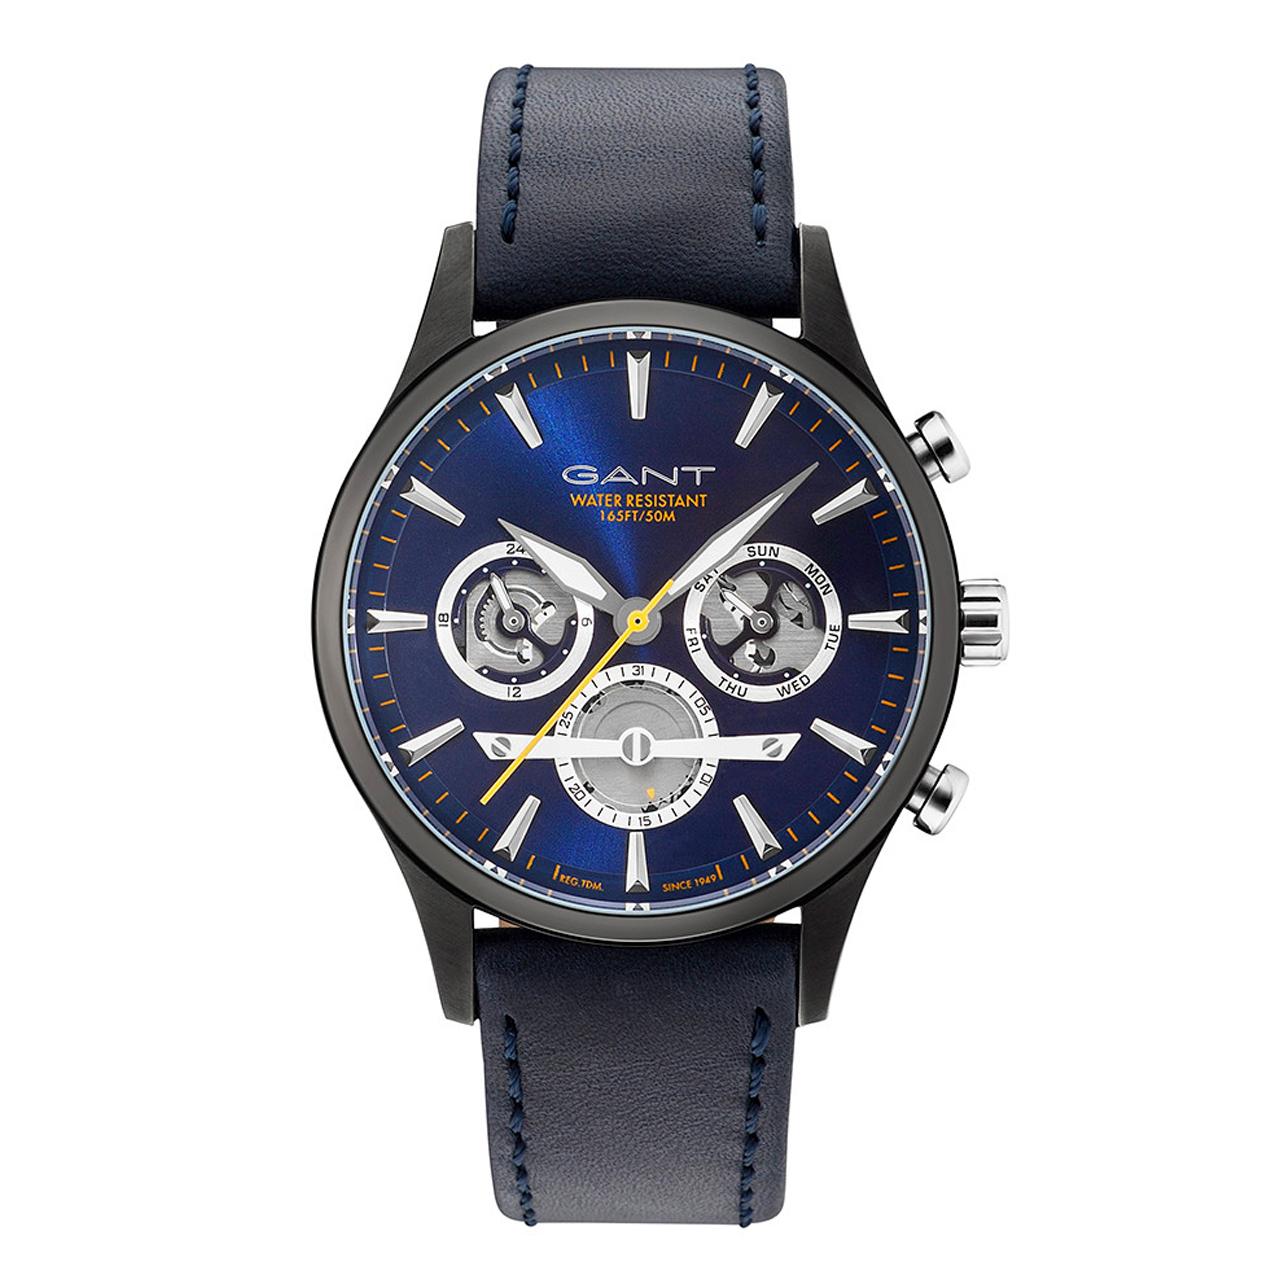 ساعت مچی عقربه ای مردانه گنت مدل GW005015 52